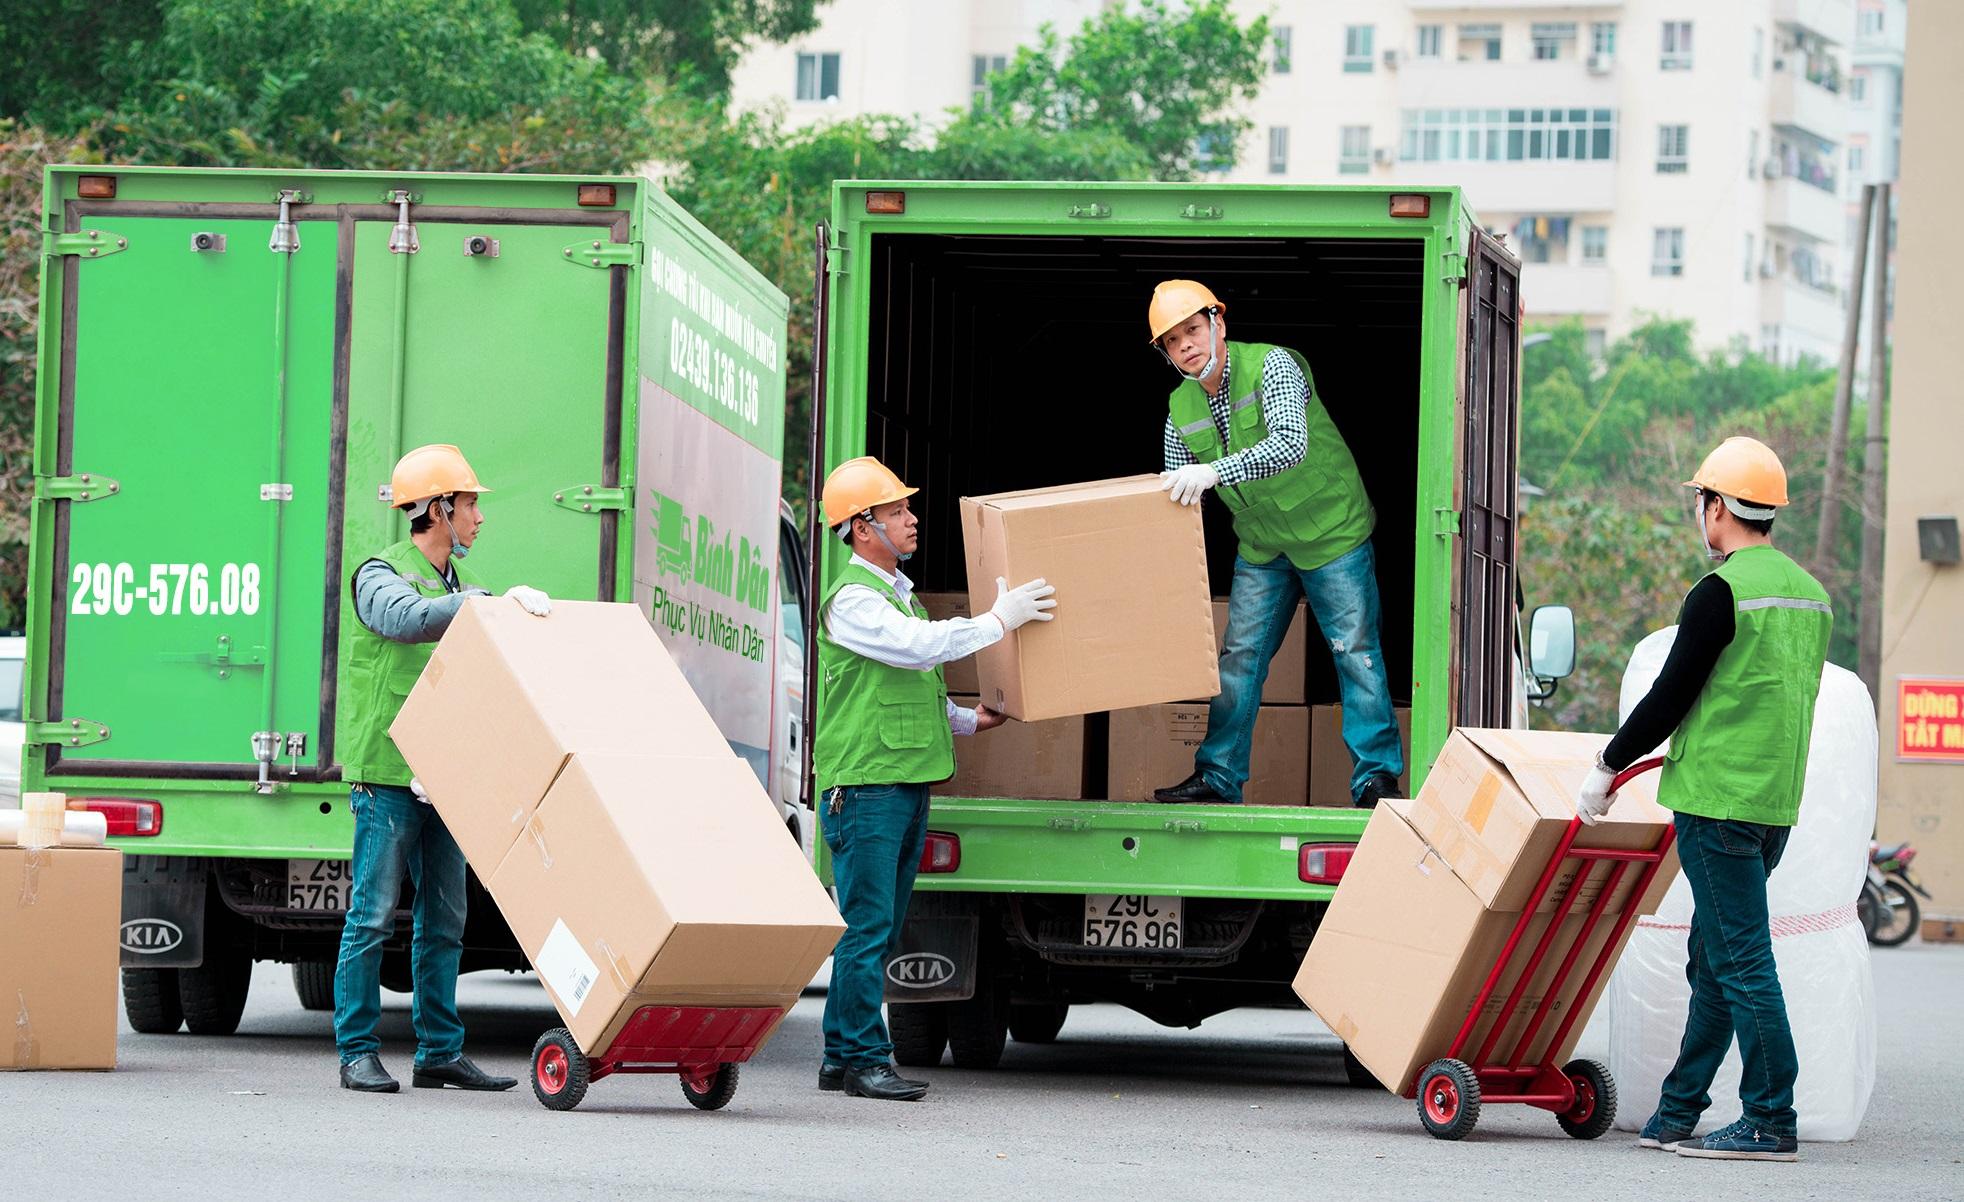 Top 10 dịch vụ bốc xếp hàng hóa uy tín, nhanh chóng tại Tphcm